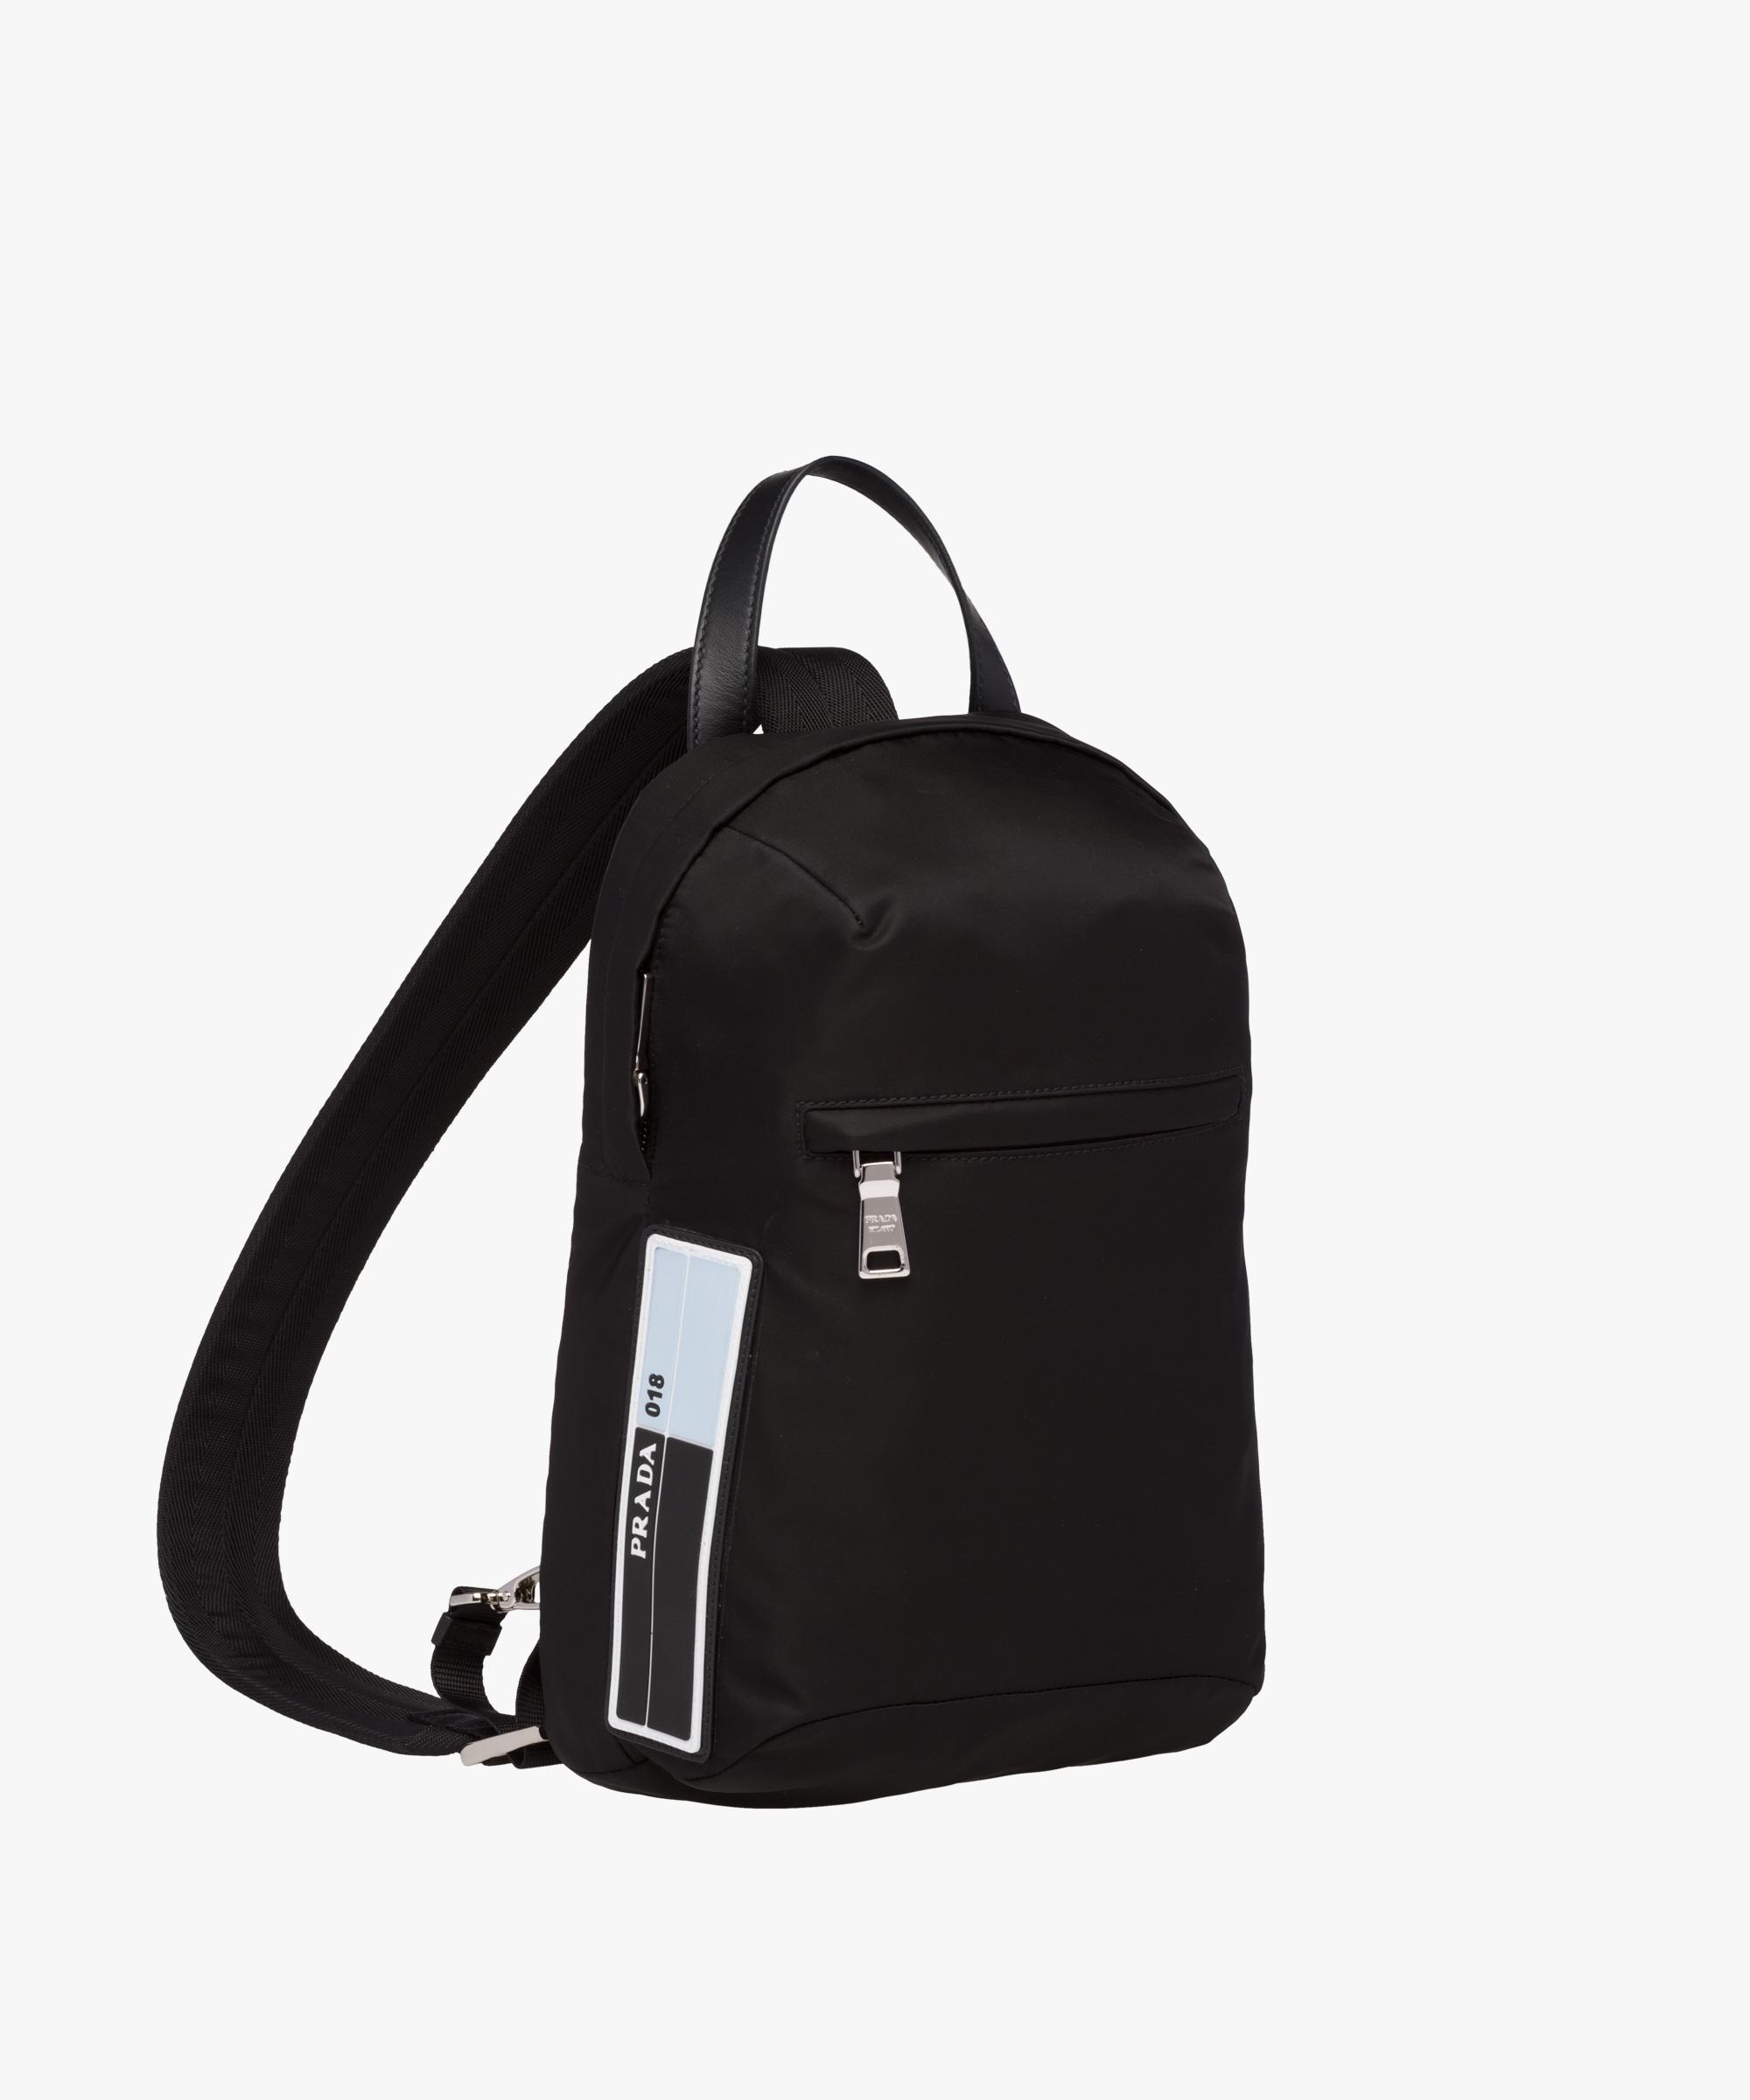 34dbd8f02d1e ... where to buy lyst prada nylon one shoulder backpack in black for men  c488c 0220b